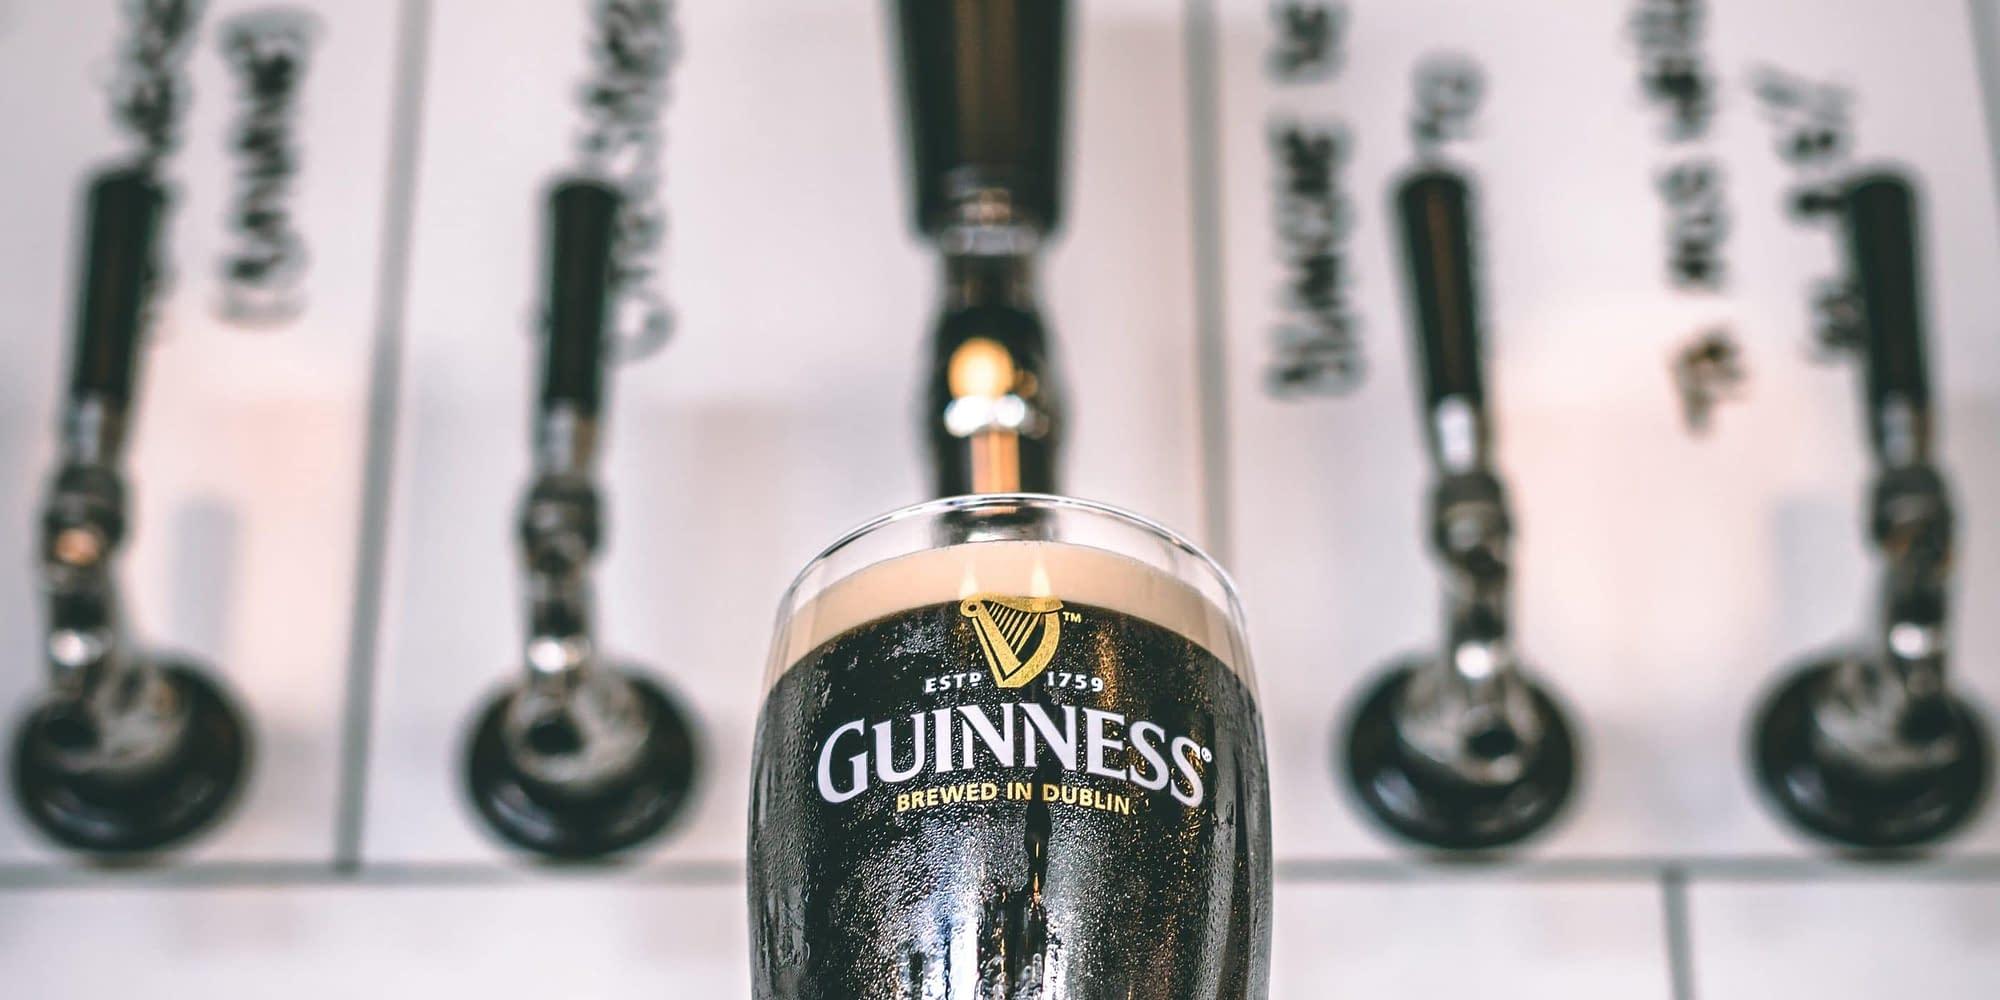 Louis' Pub Granby Guinness